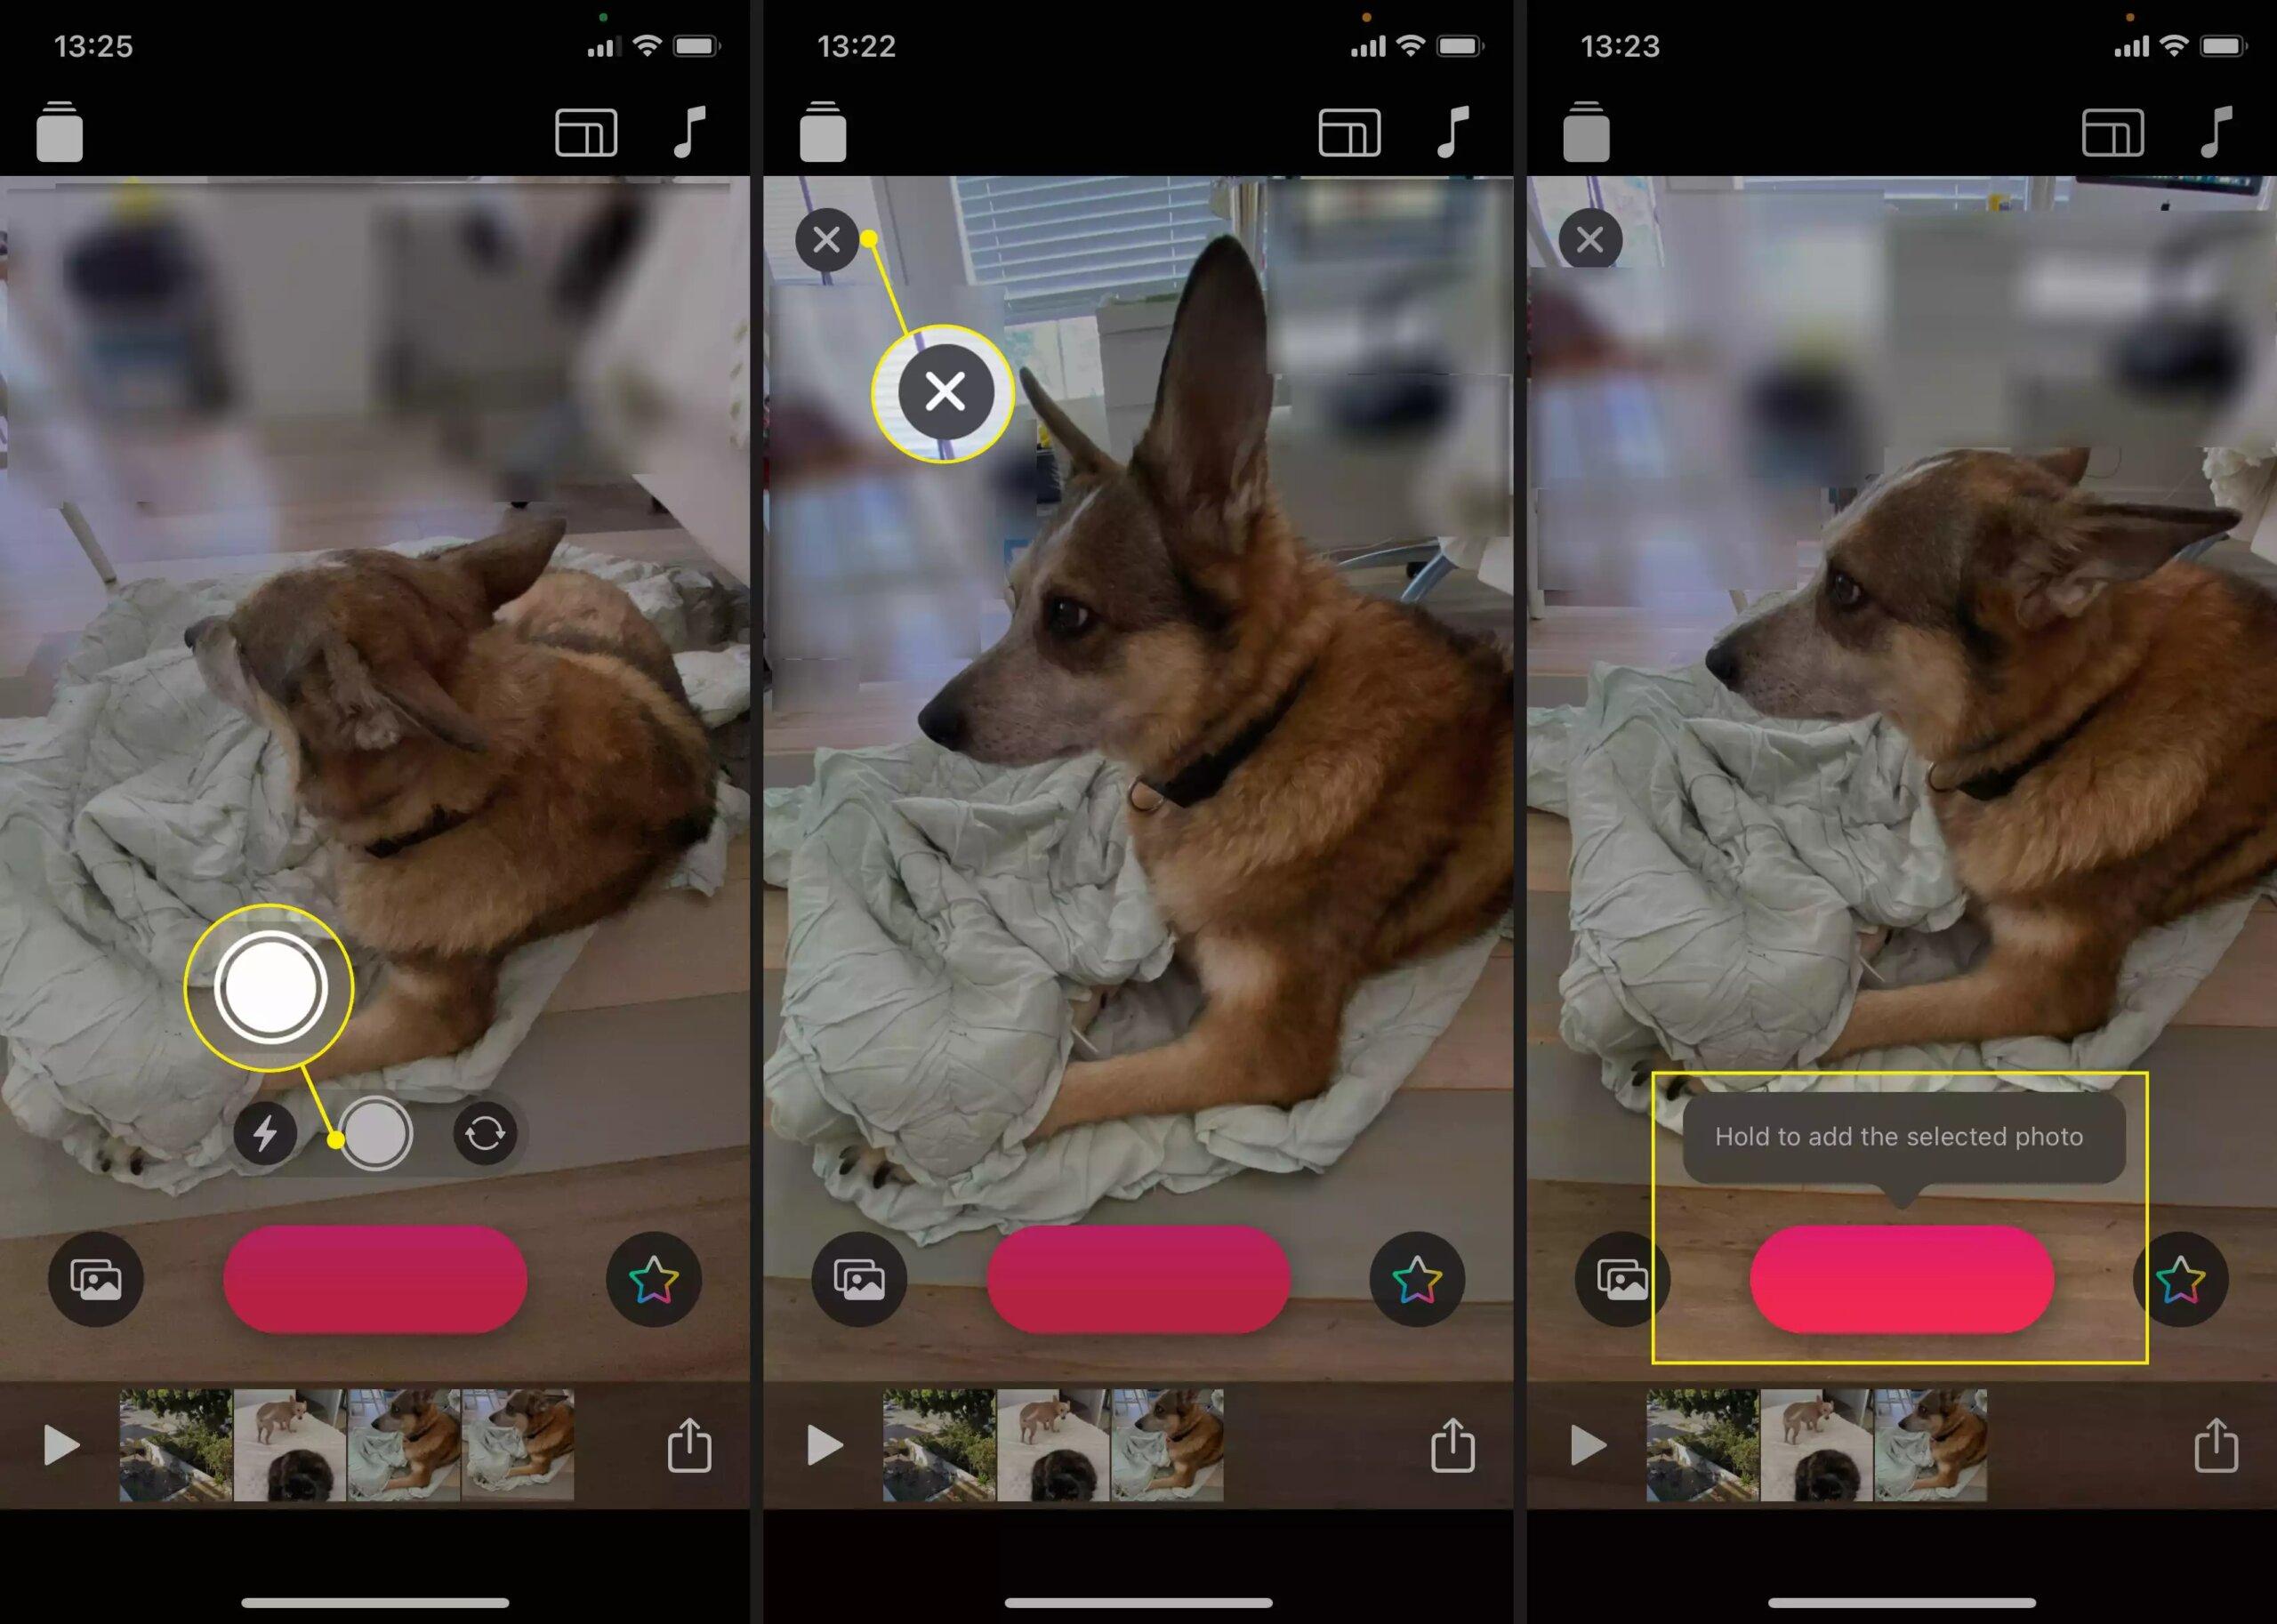 Cách làm video trên iPhone bằng app Clips có sẵn 20